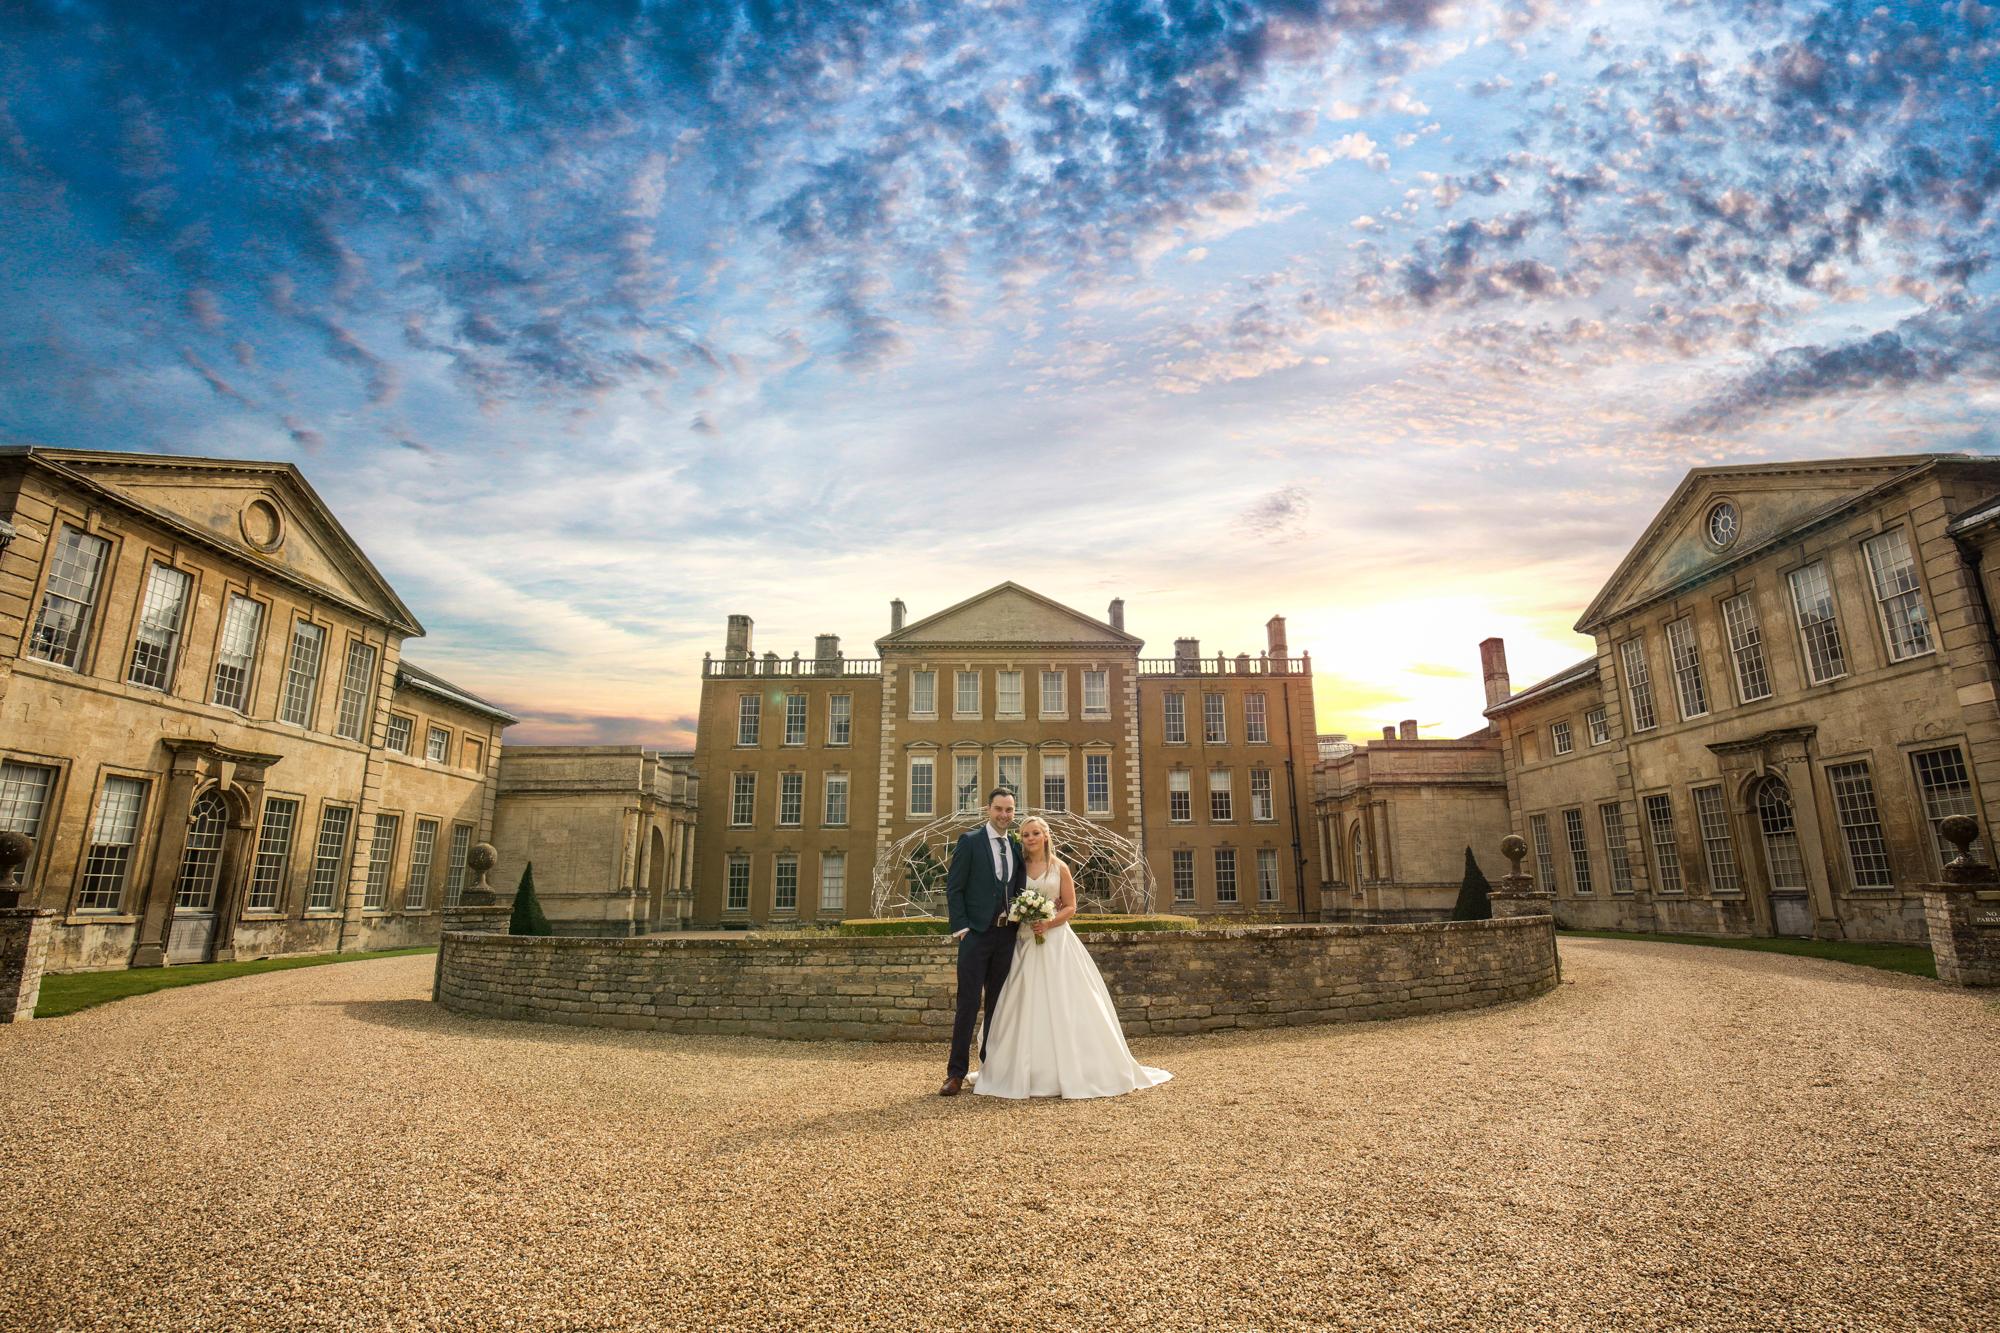 Aynhoe Park Wedding Photography - Matt & Georgina